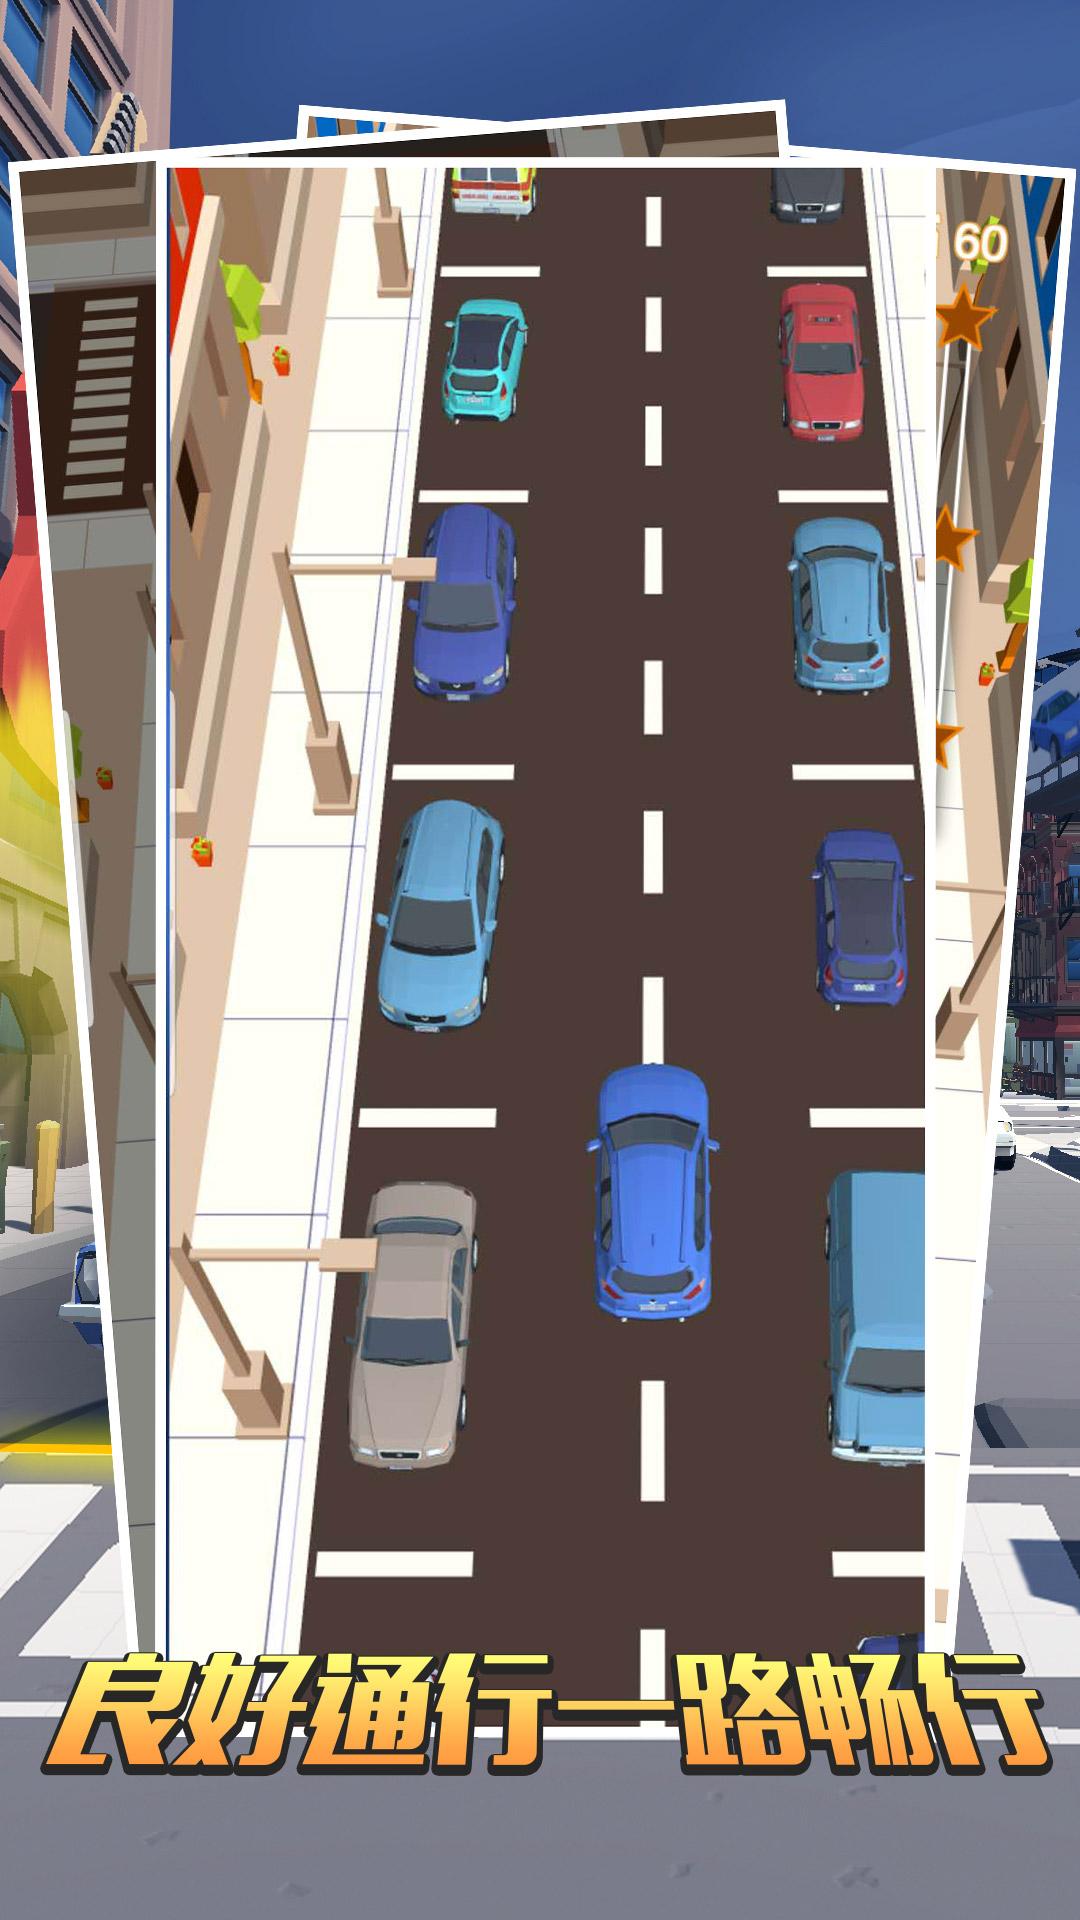 开车和停车 APP截图